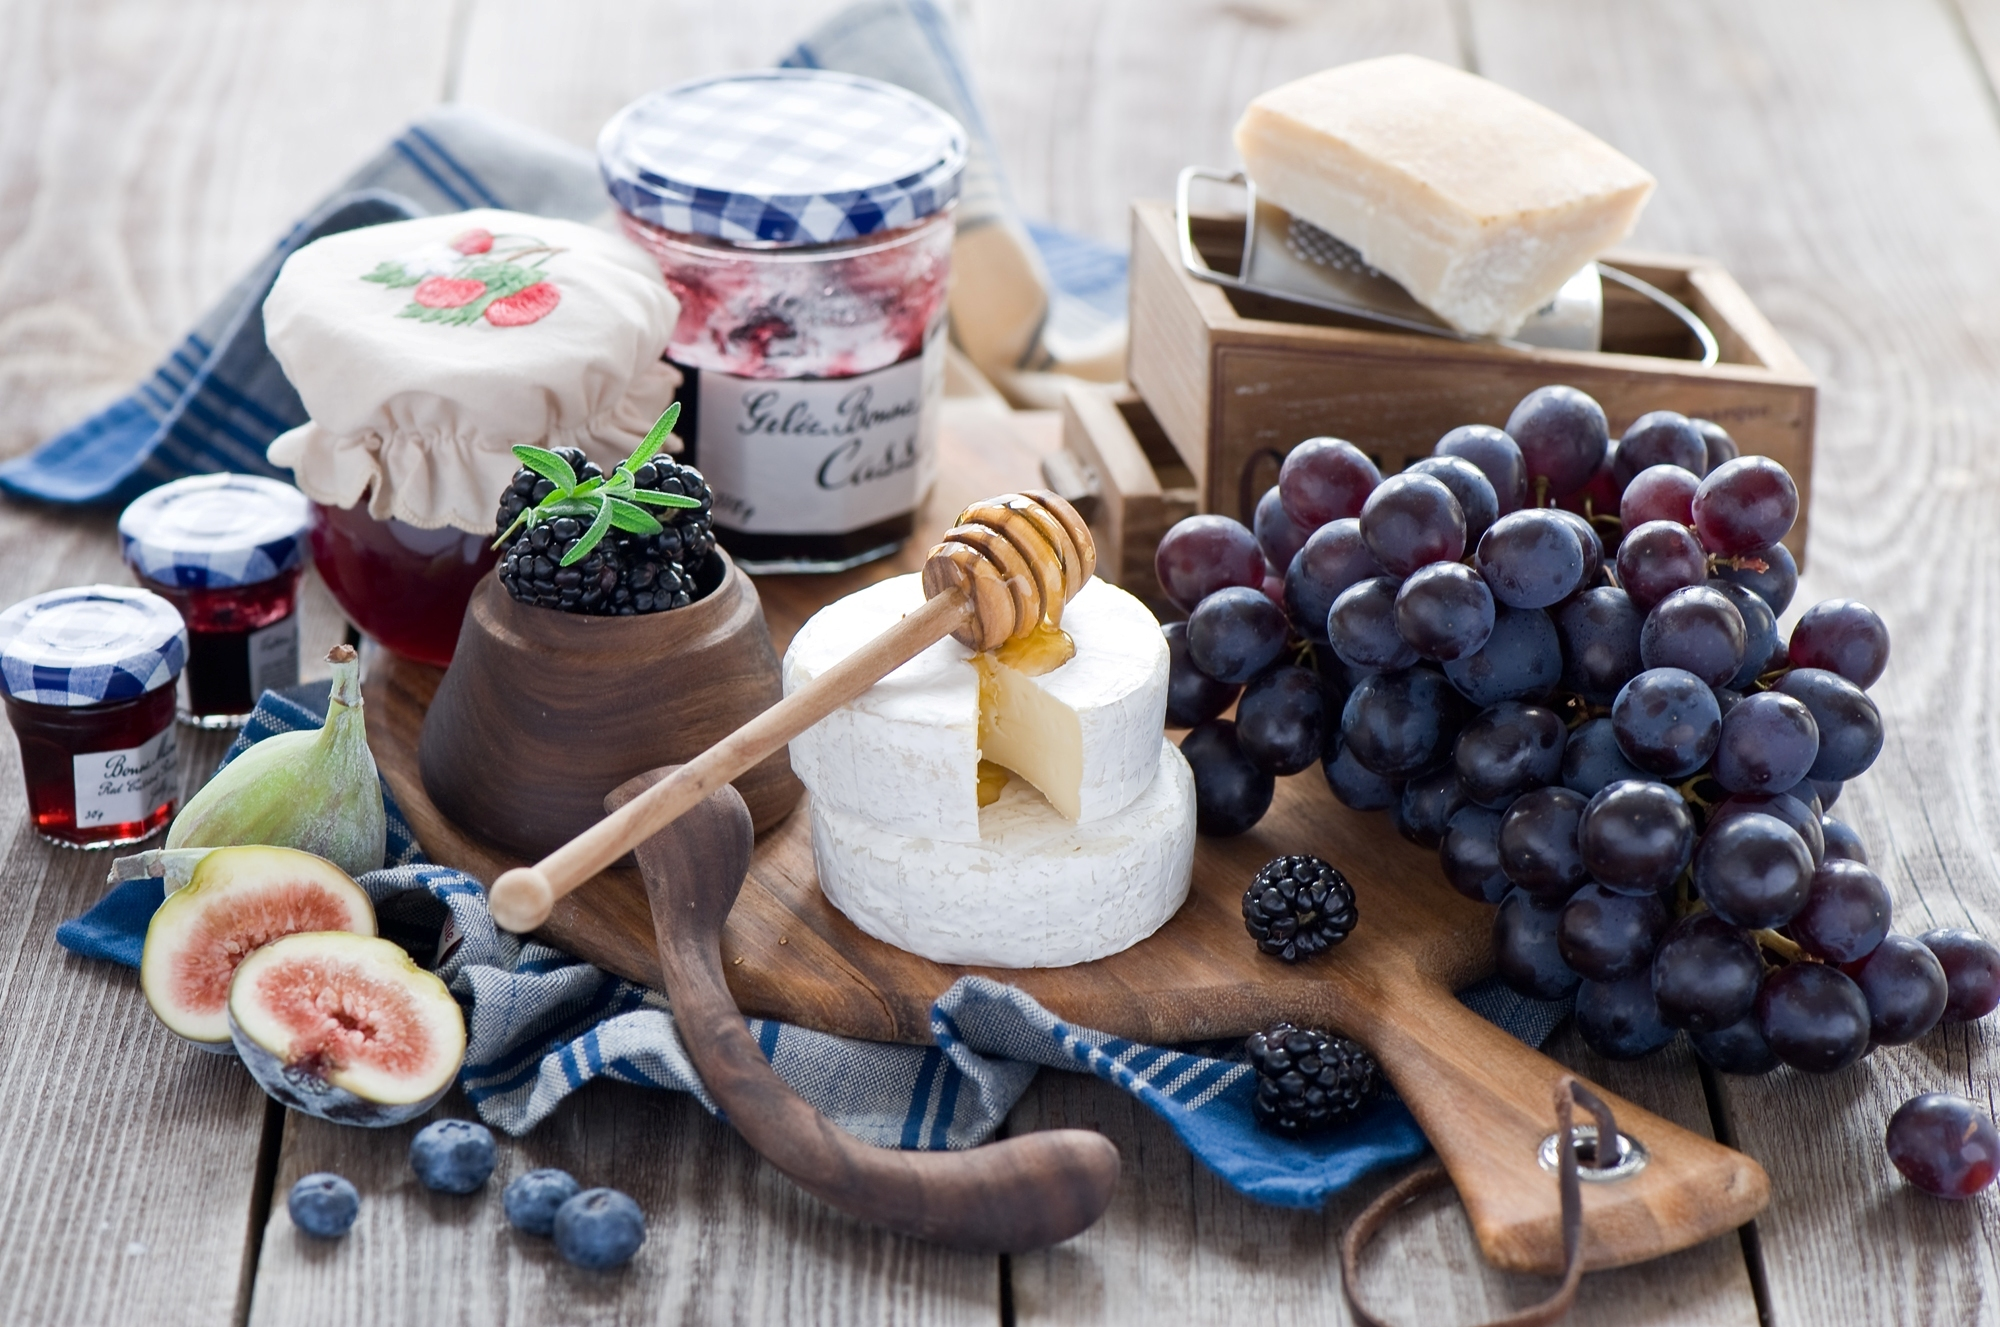 еда чай пирожные виноград  № 378015 загрузить